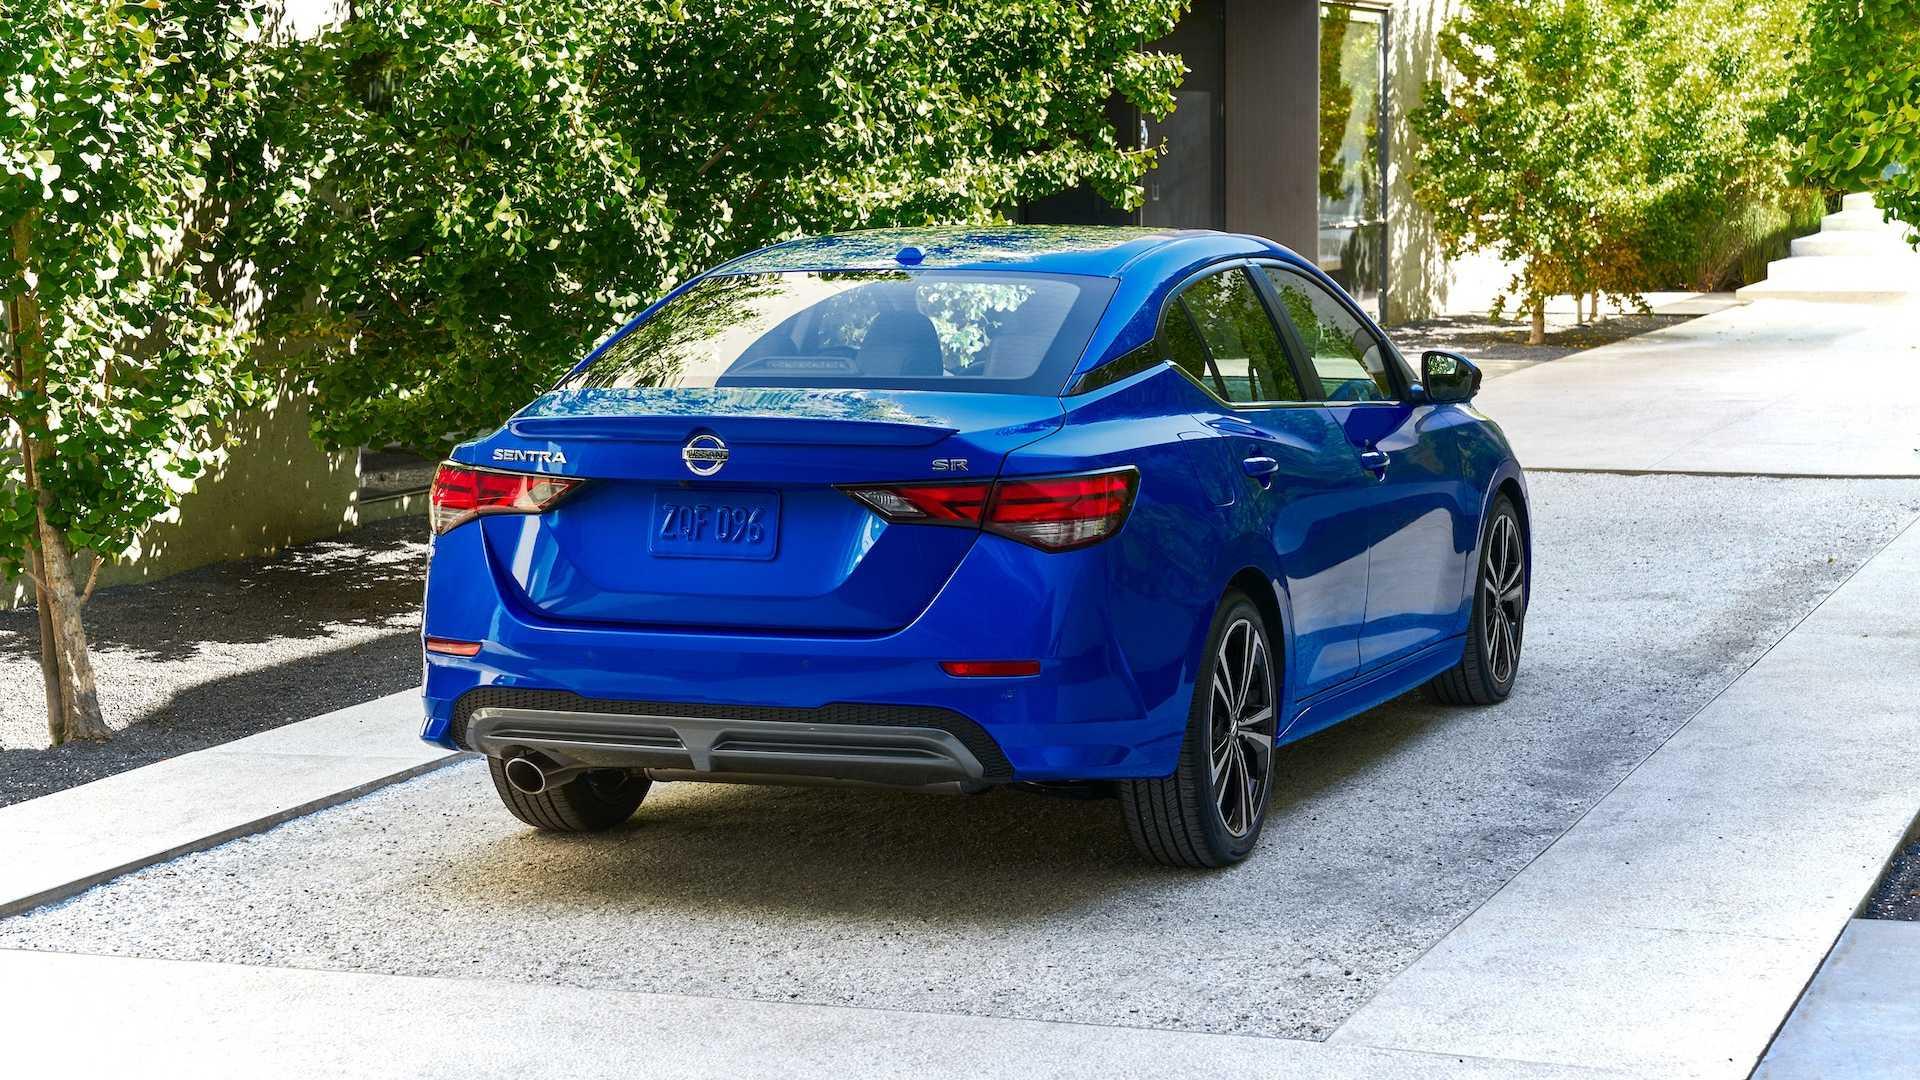 Новый Nissan Sentra: другая платформа и агрессивный дизайн 2